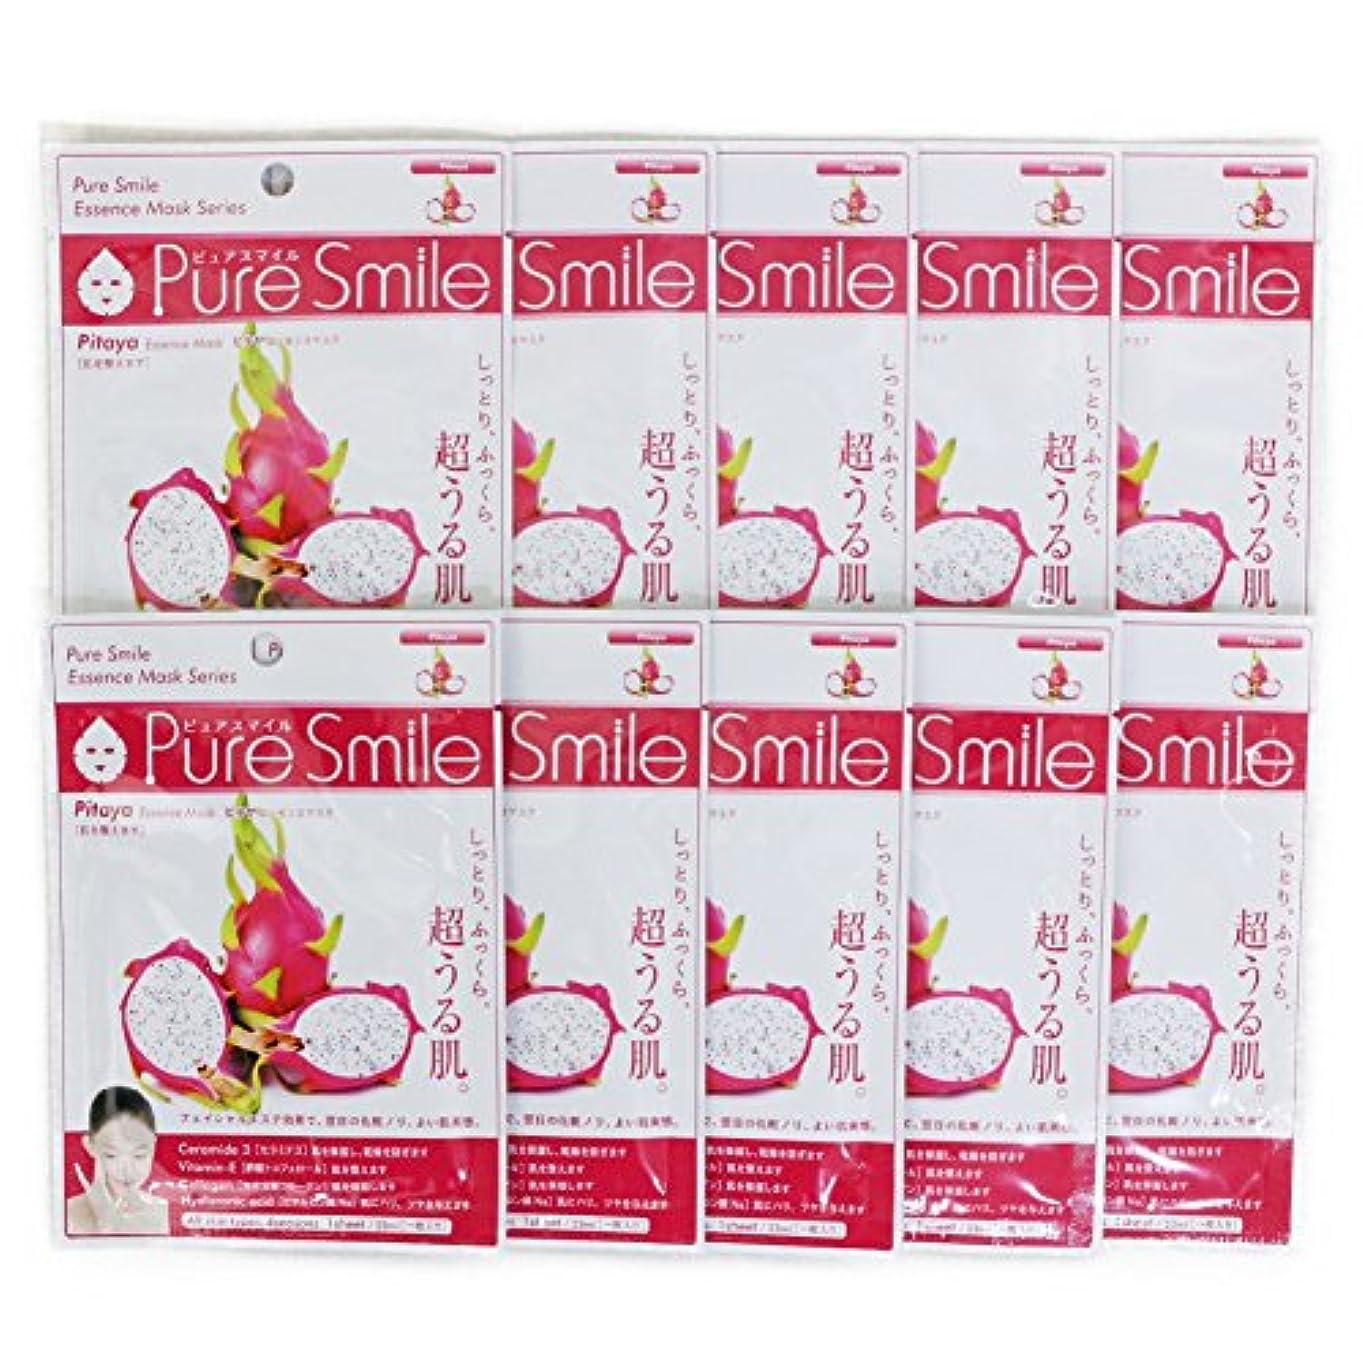 チョコレート割り当てますデコードするPure Smile ピュアスマイル エッセンスマスク ピタヤ 10枚セット